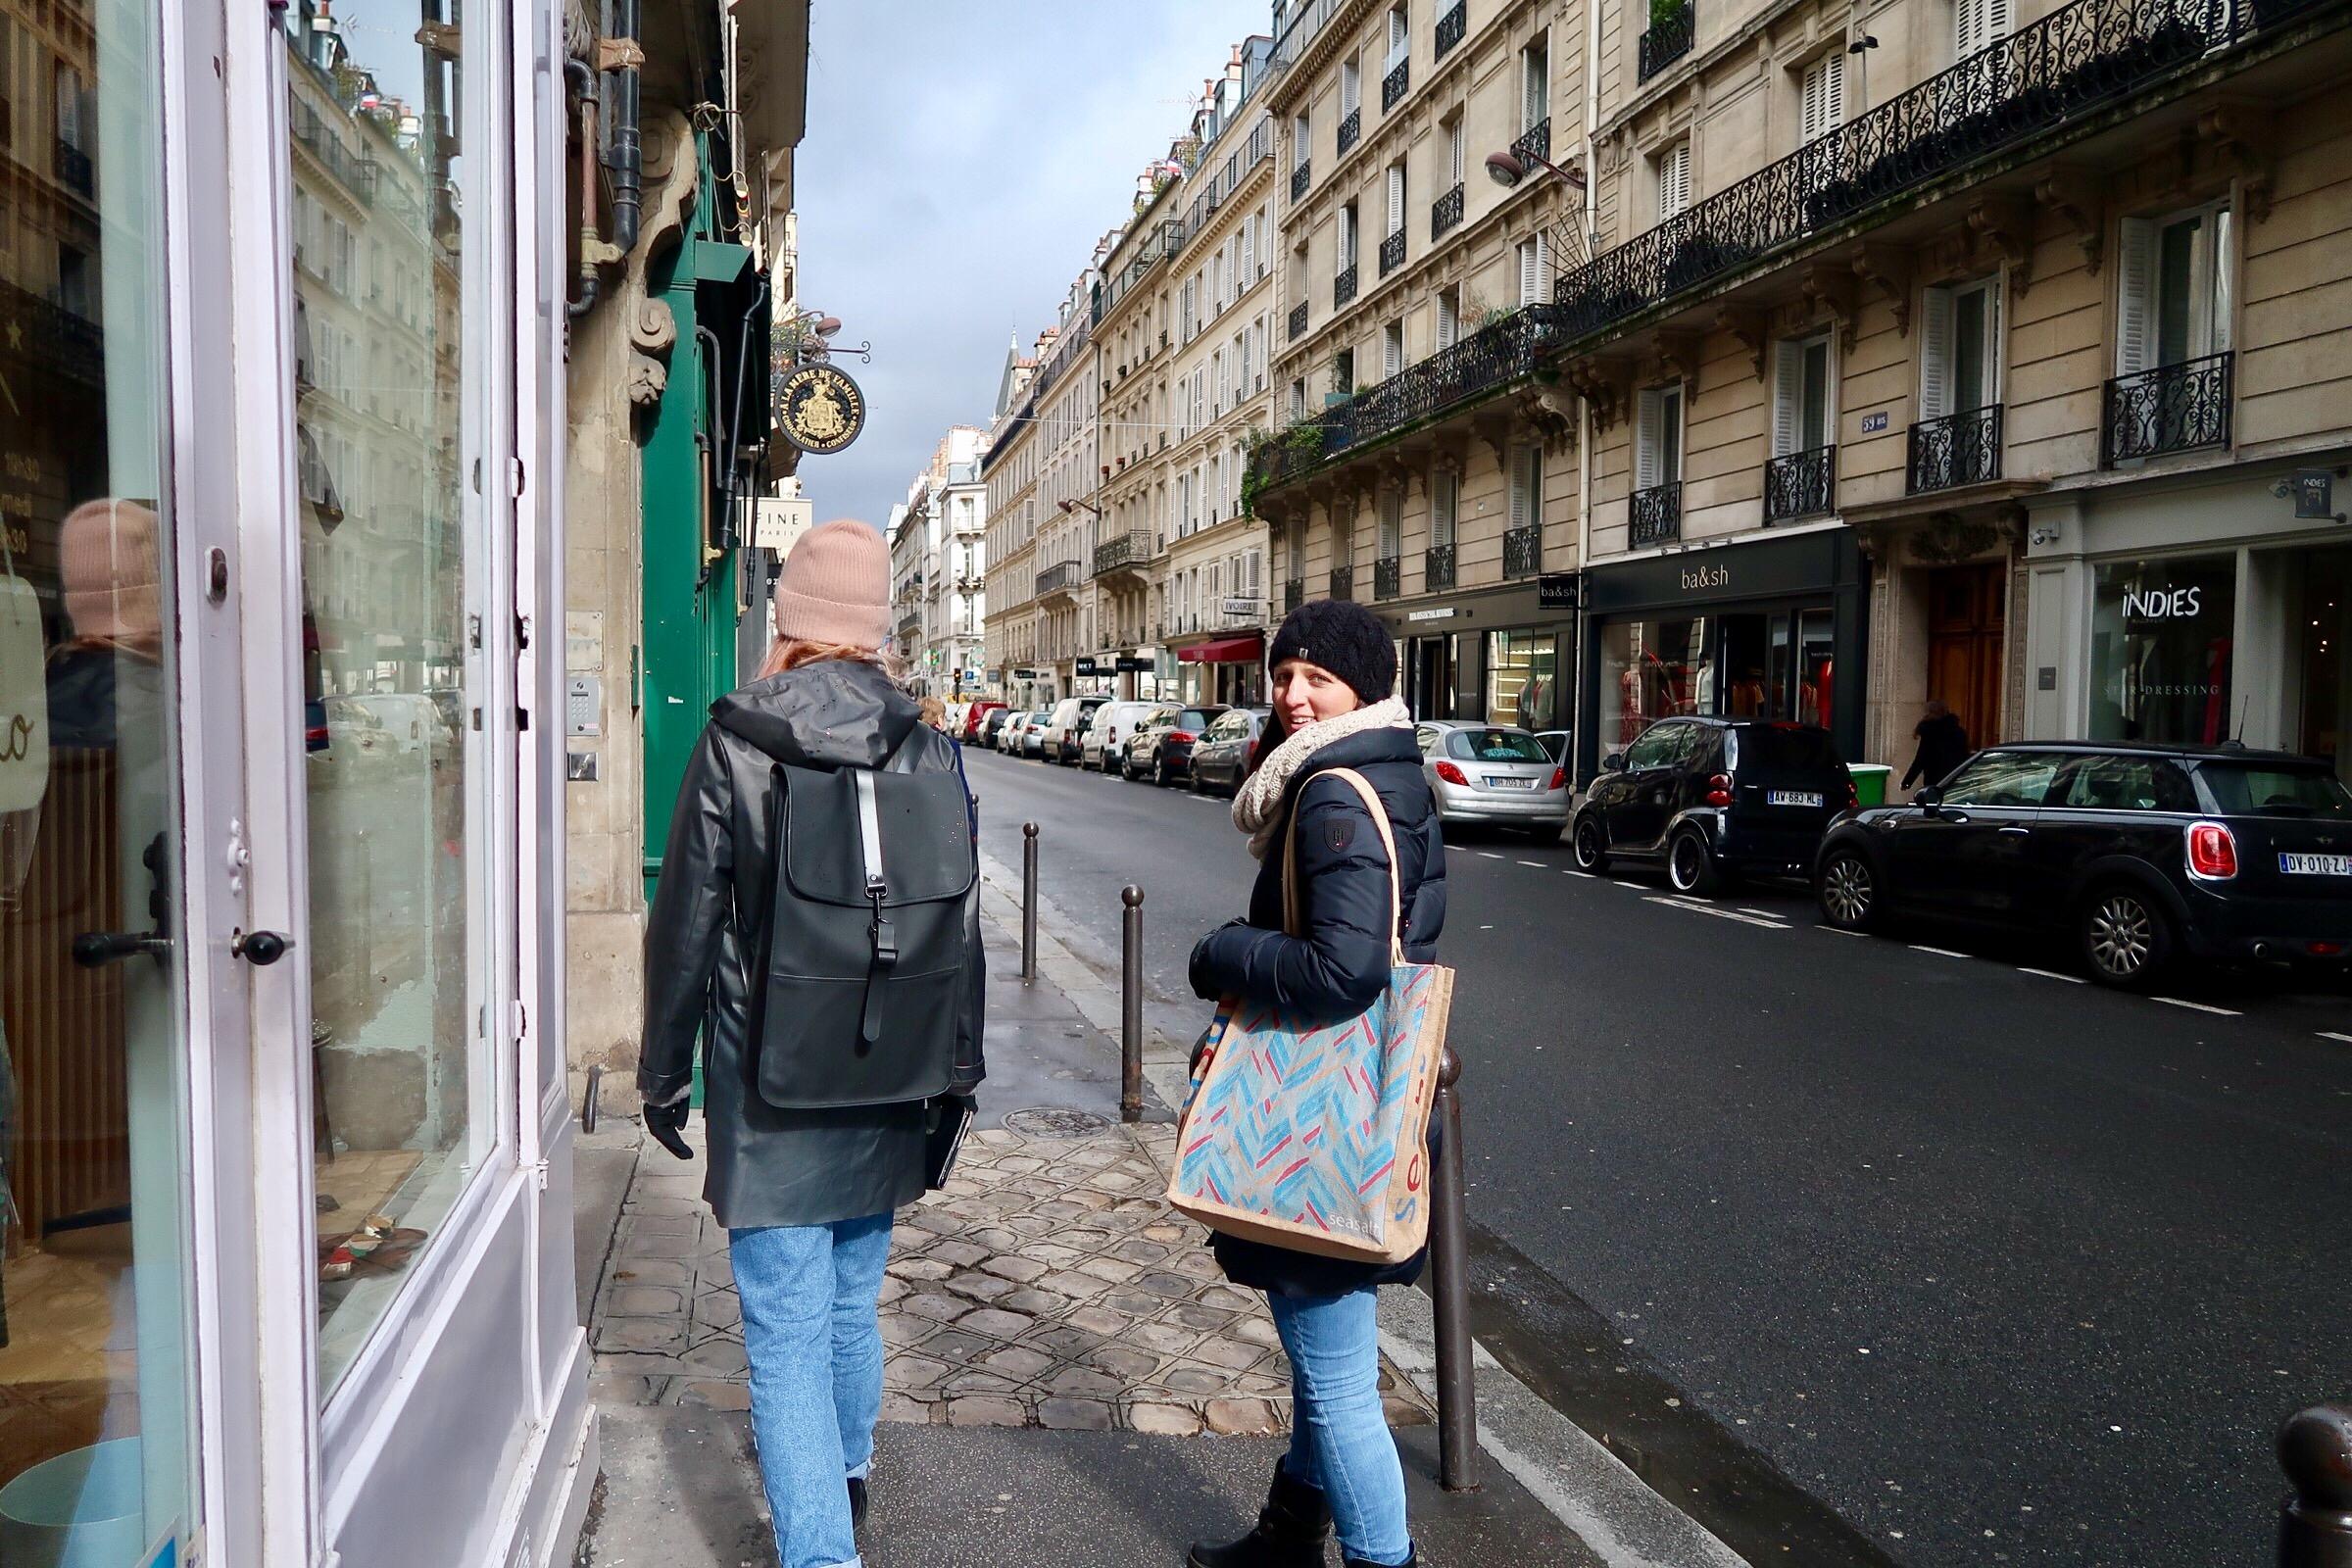 paris walking tour saint germain des pres